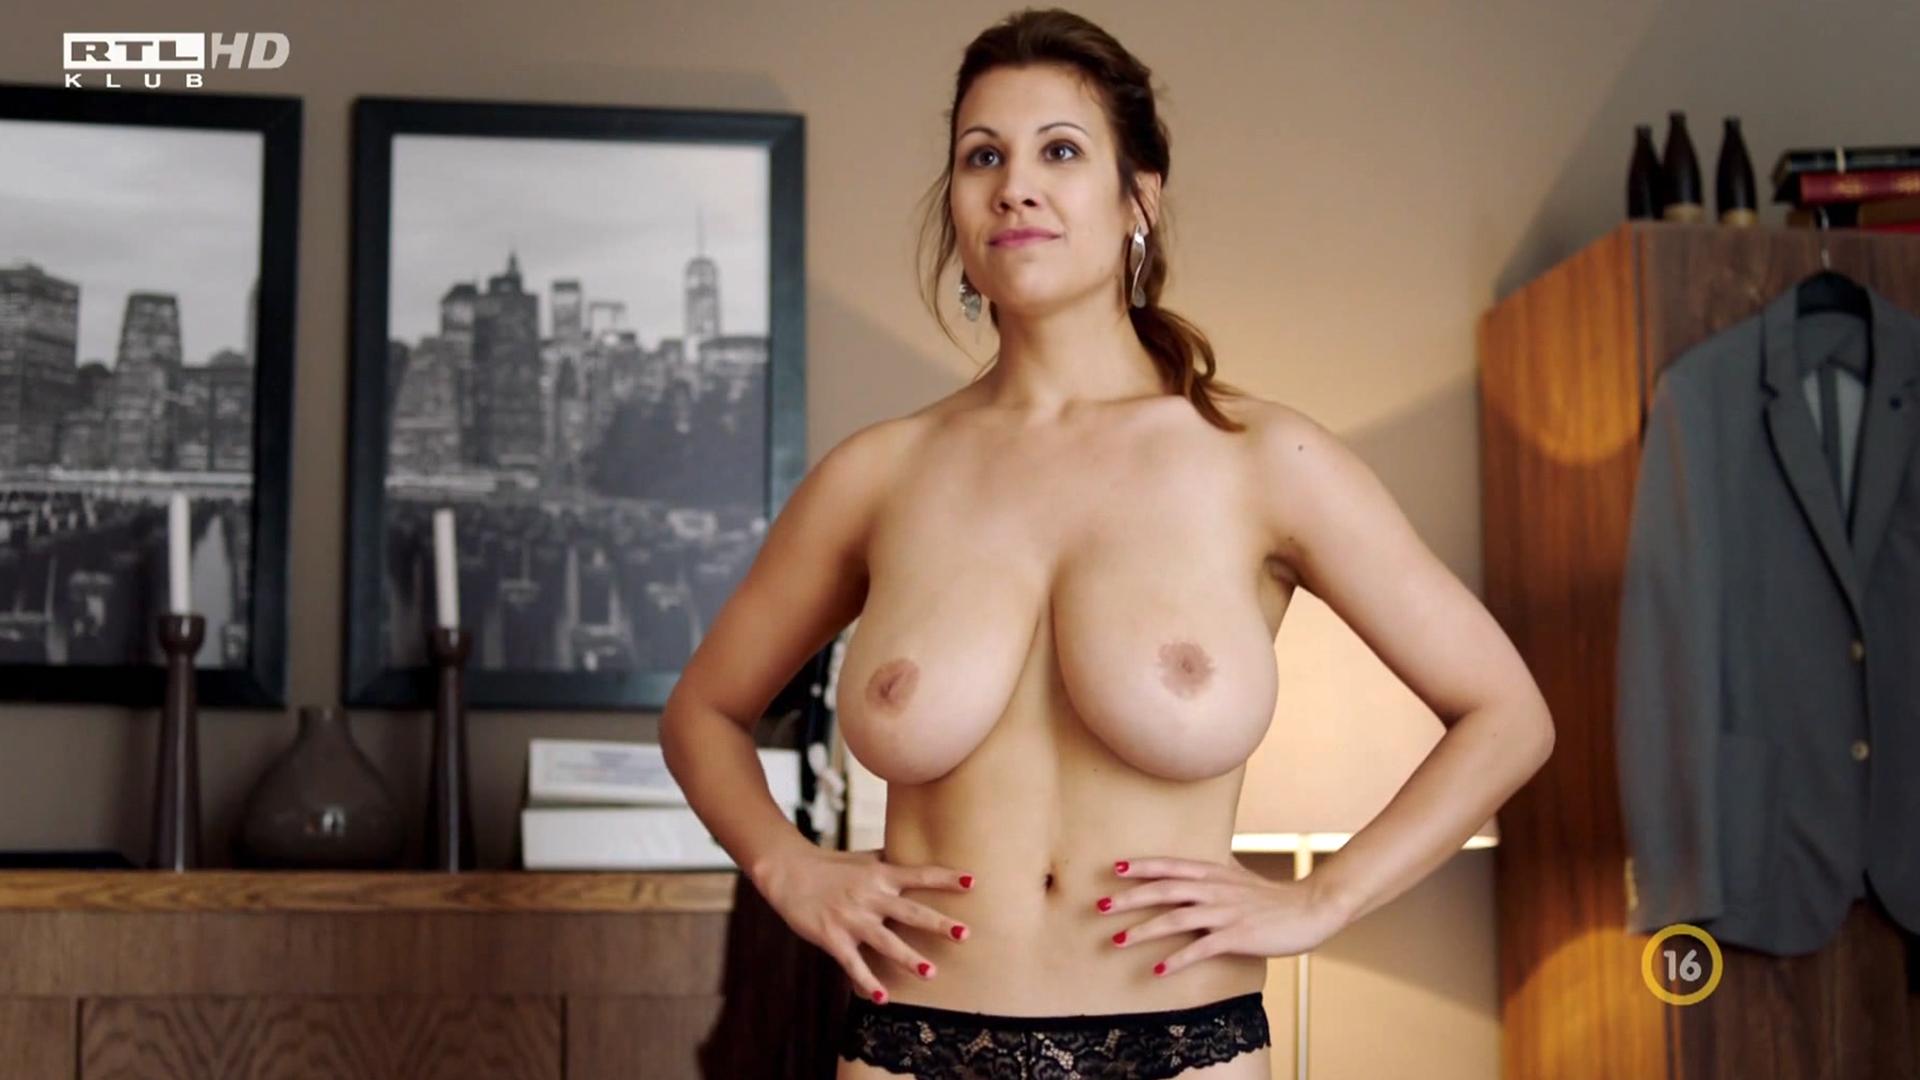 Alexandra Video Porno alexandra horváth - válótársak (s02e02, 2016) - celebs